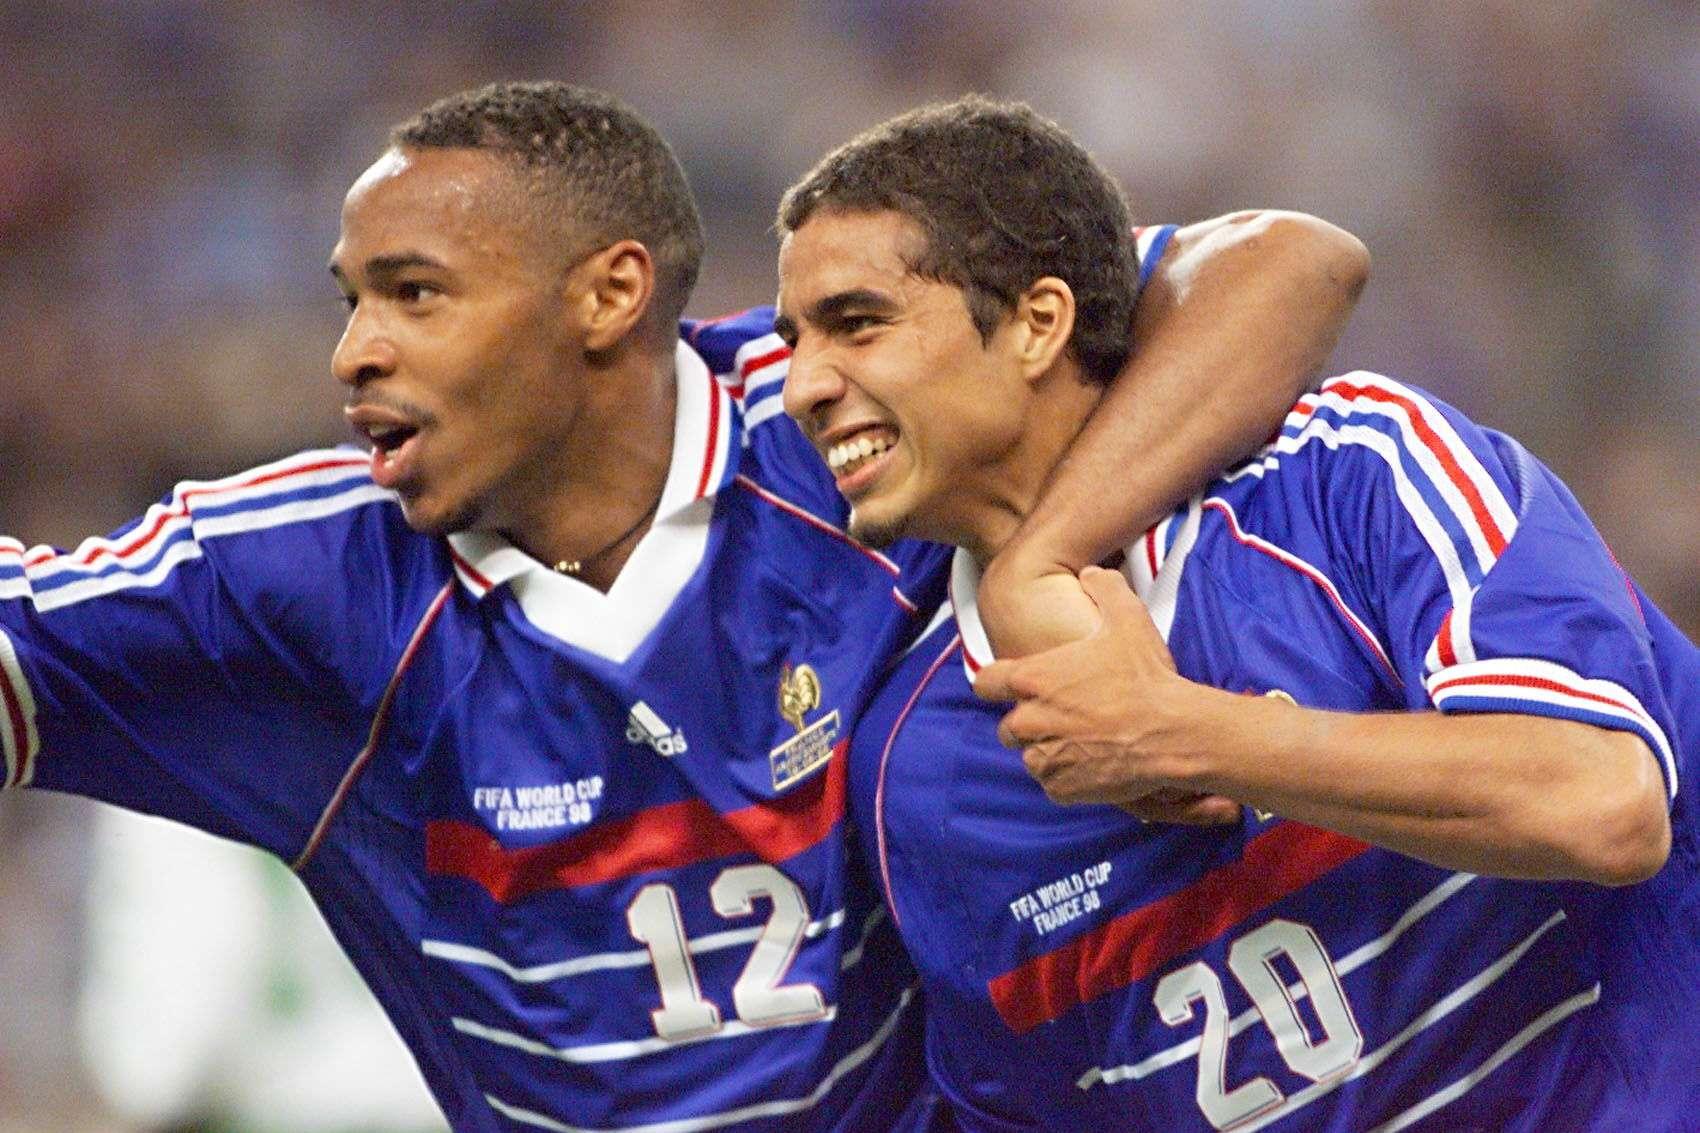 Les 10 meilleurs buteurs de l'équipe de France